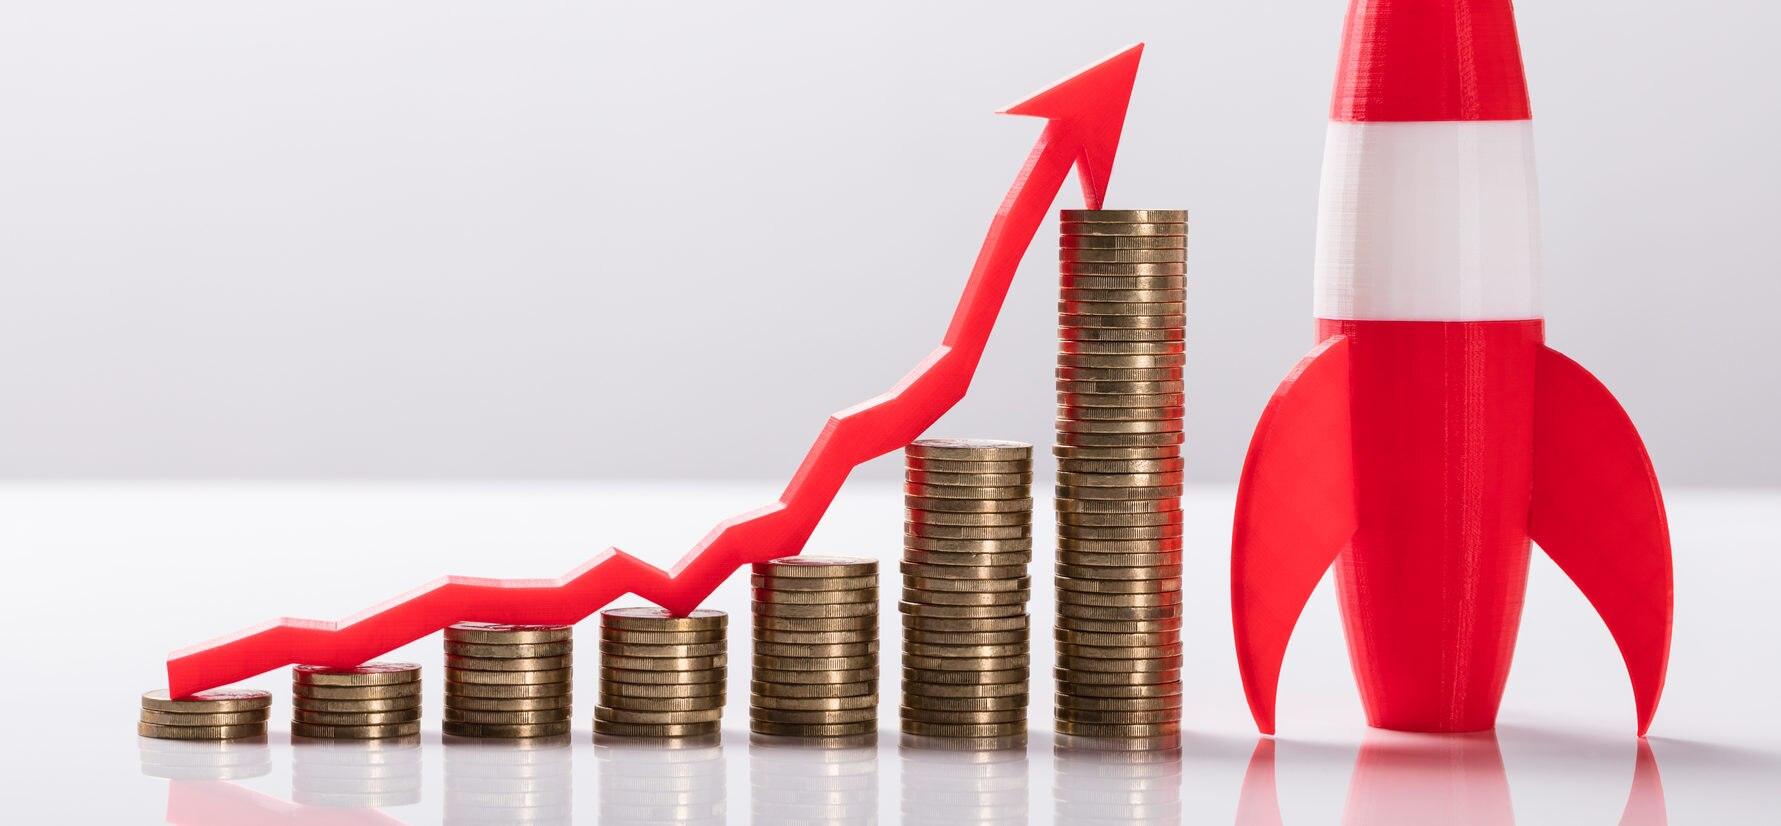 inversión fintech cohete flecha dinero despegue alza recurso bbva